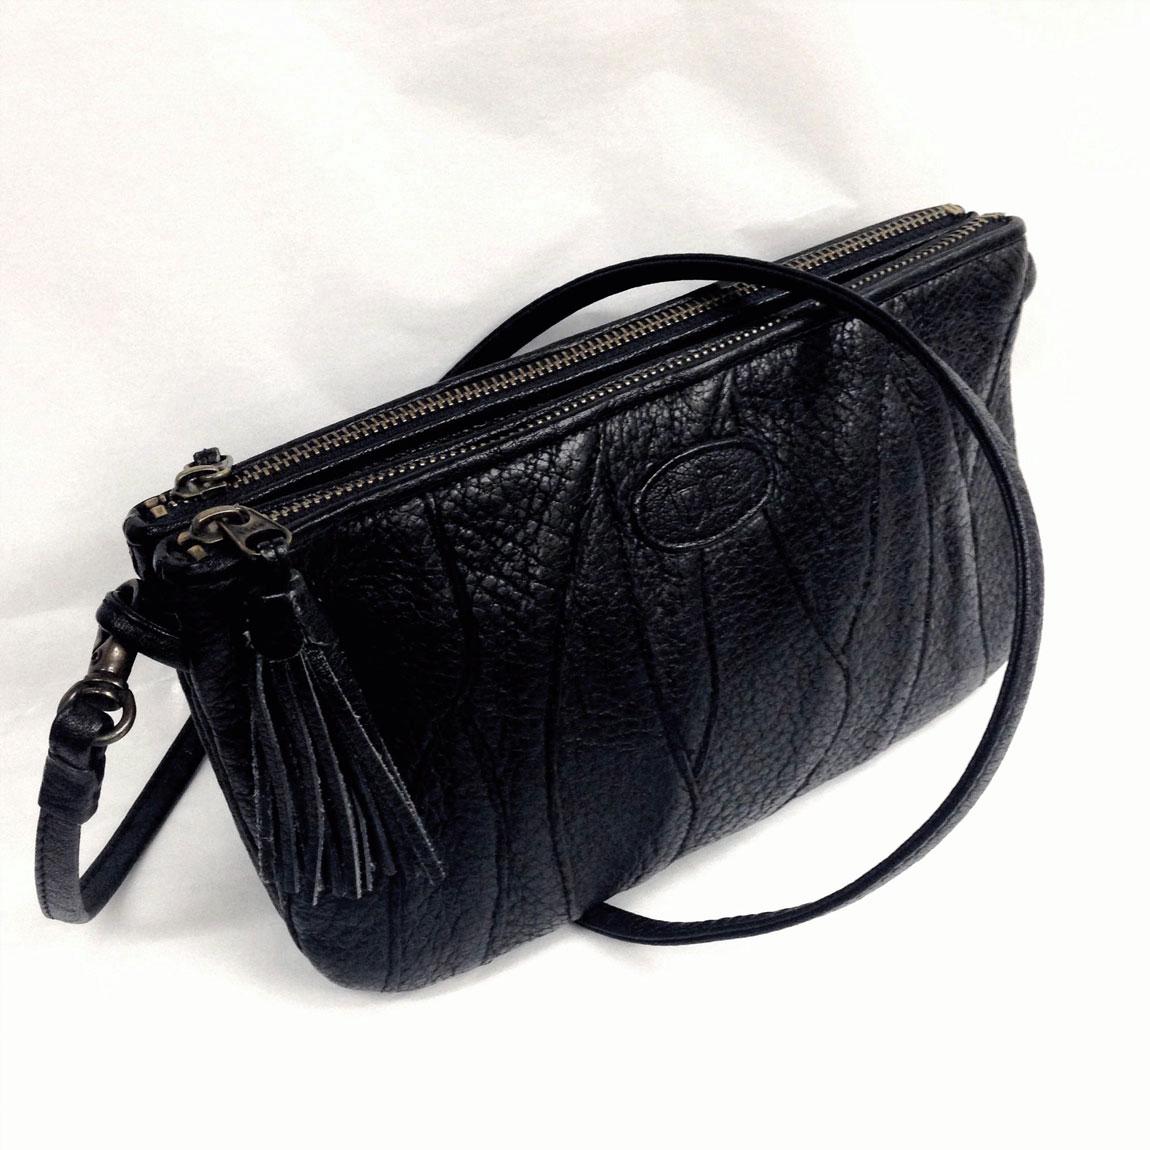 【中古】本物綺麗イビザ女性用23,5x13センチ黒柔らかいバッファロー革ショルダーポーチ